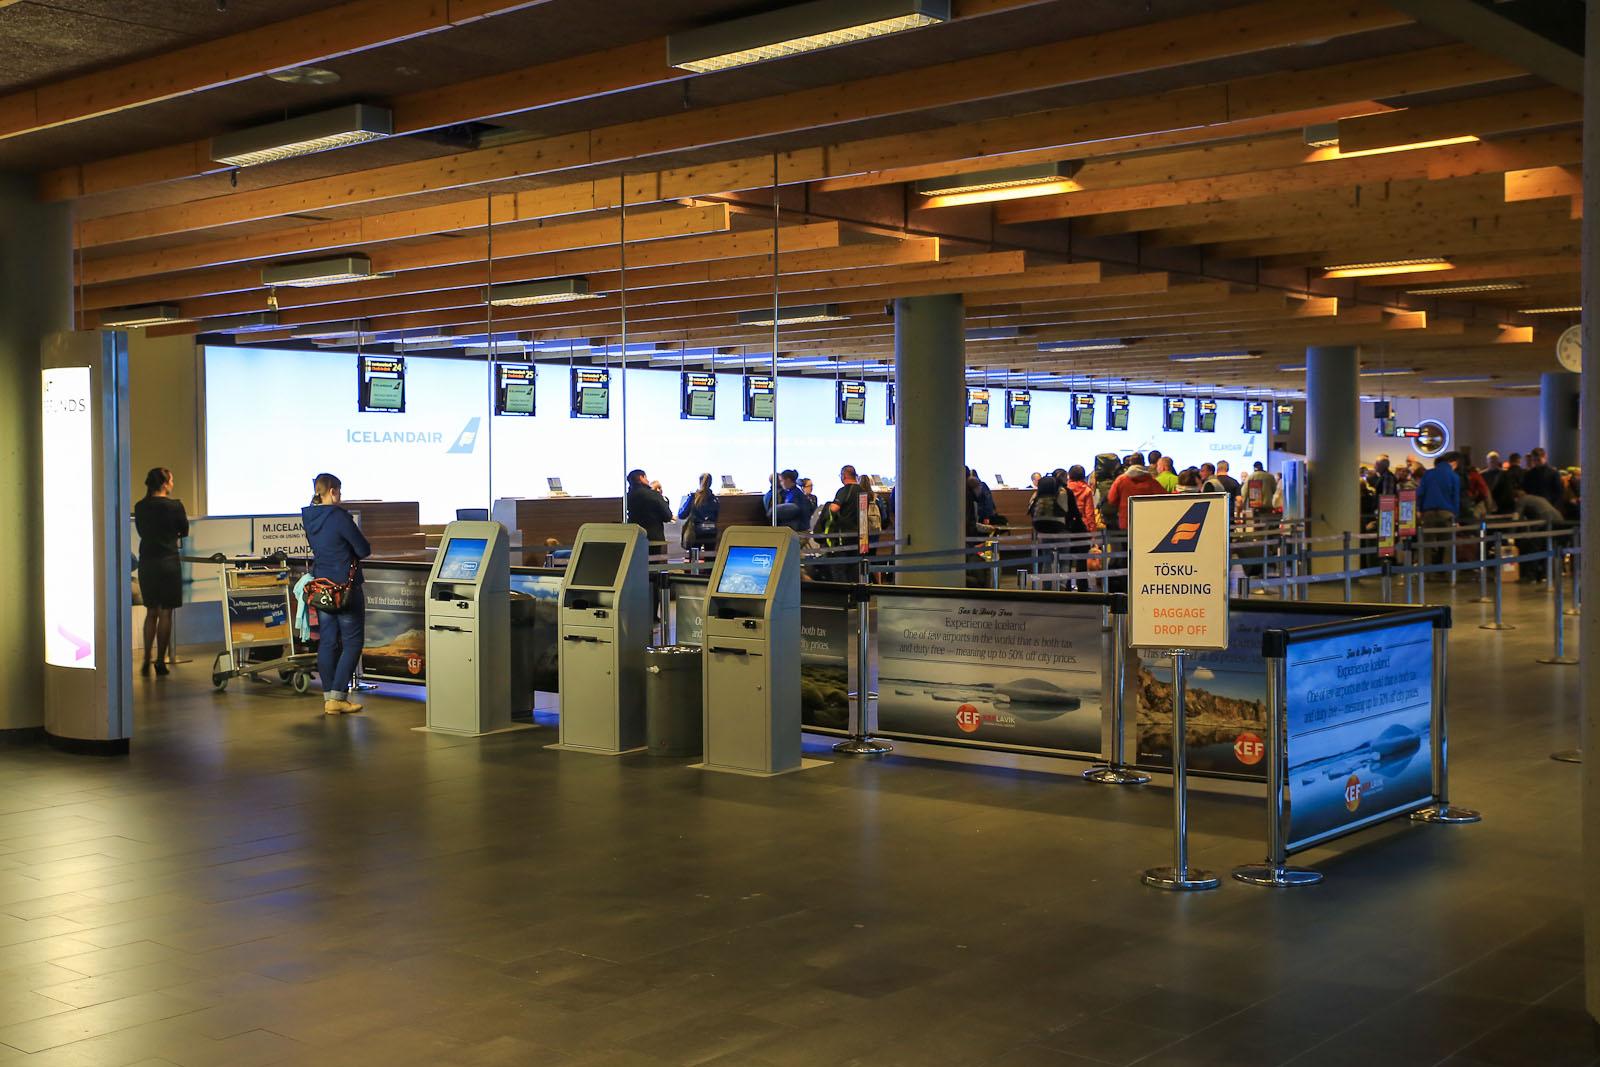 Стойки регистрации в аэропорту Кефлавик